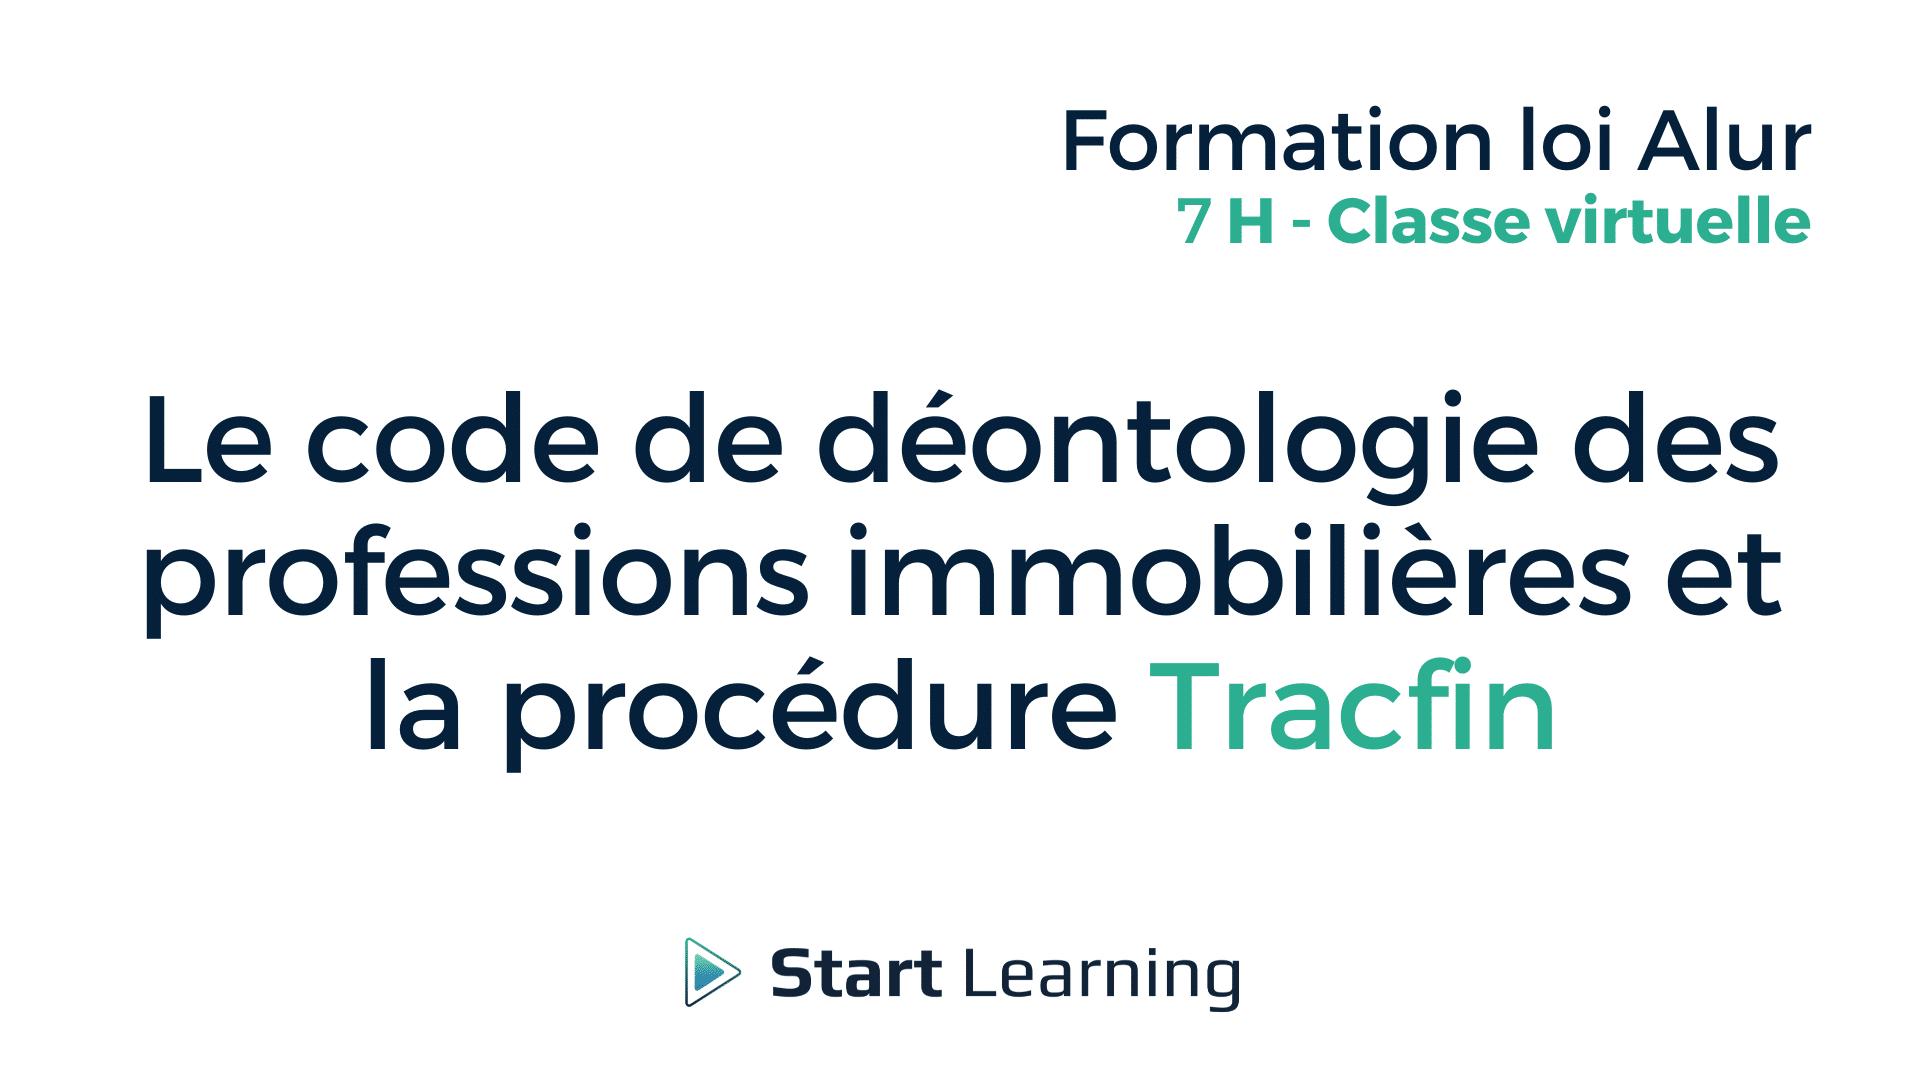 Formation loi Alur Classe virtuelle - Le code de déontologie des professions immobilière et la procédure Tracfin